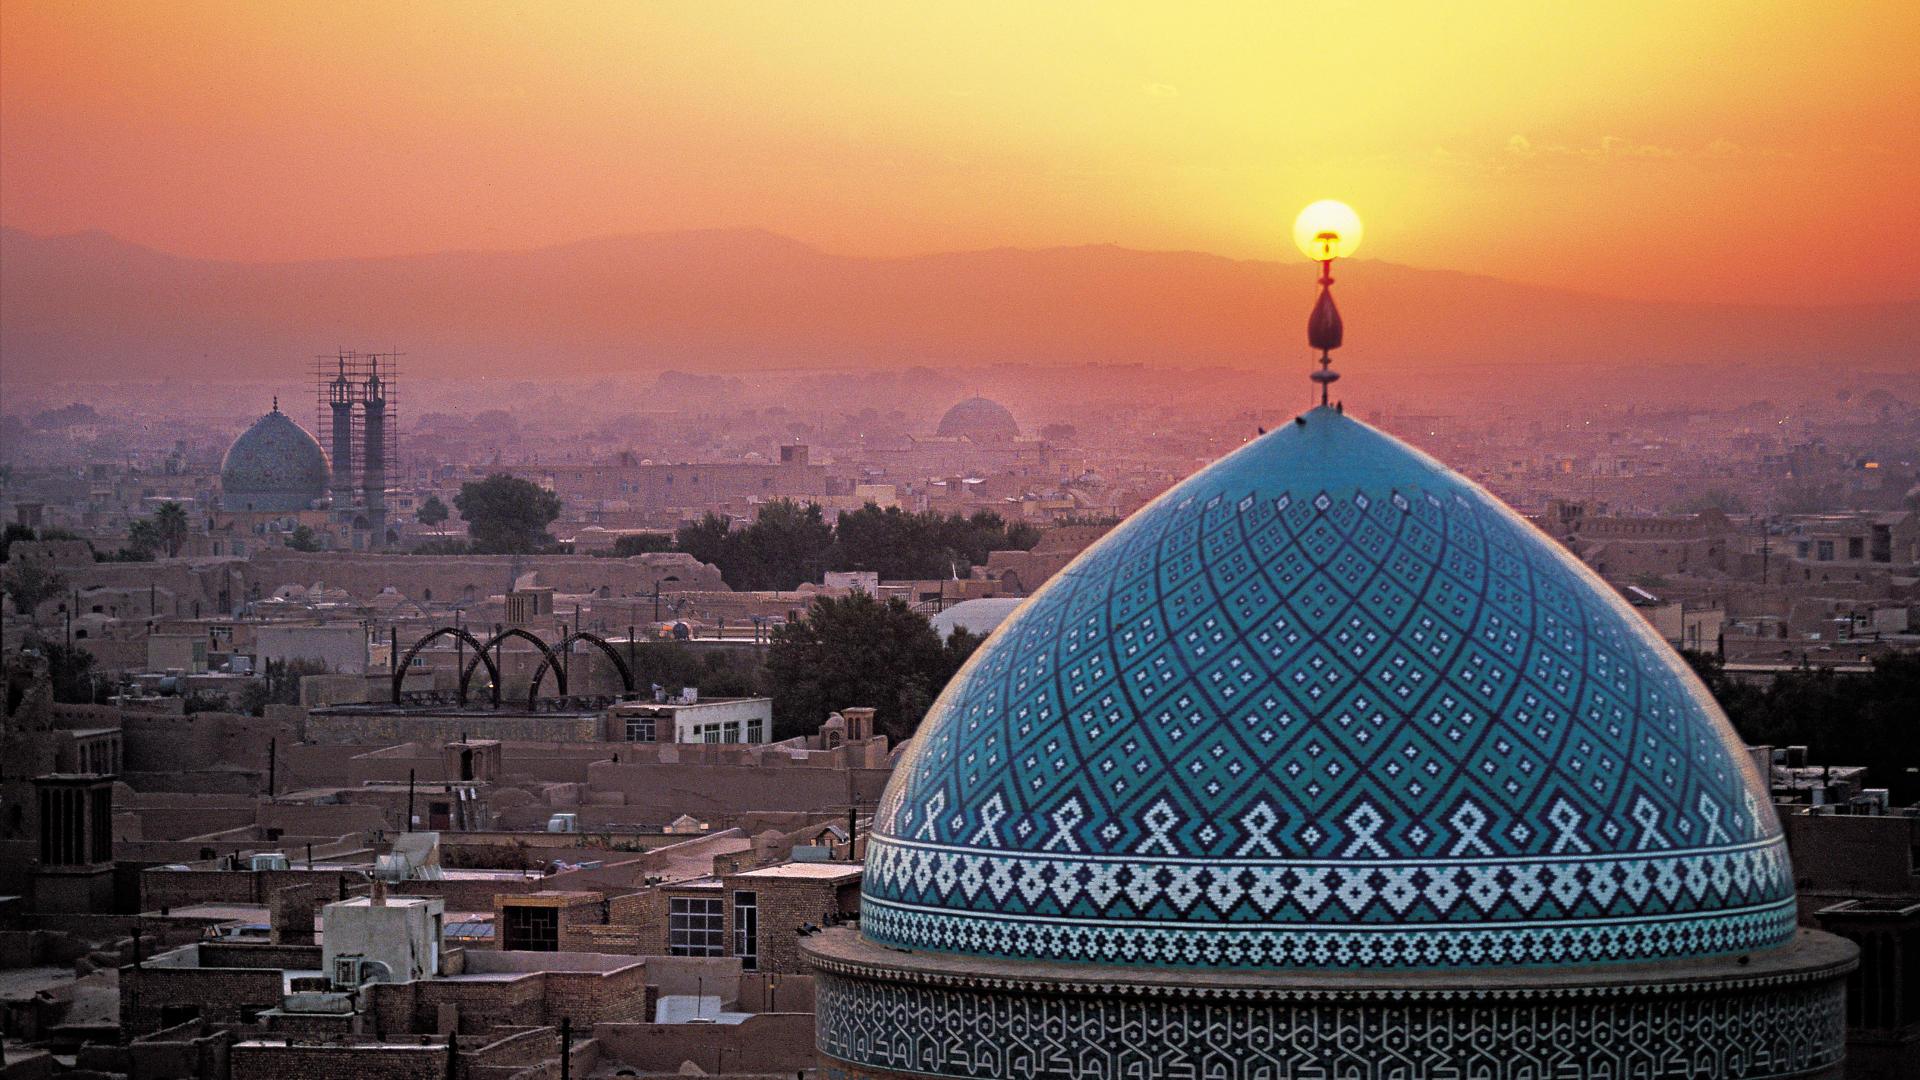 загадочный_Иран_вид_сверху_купол_мечети_обои